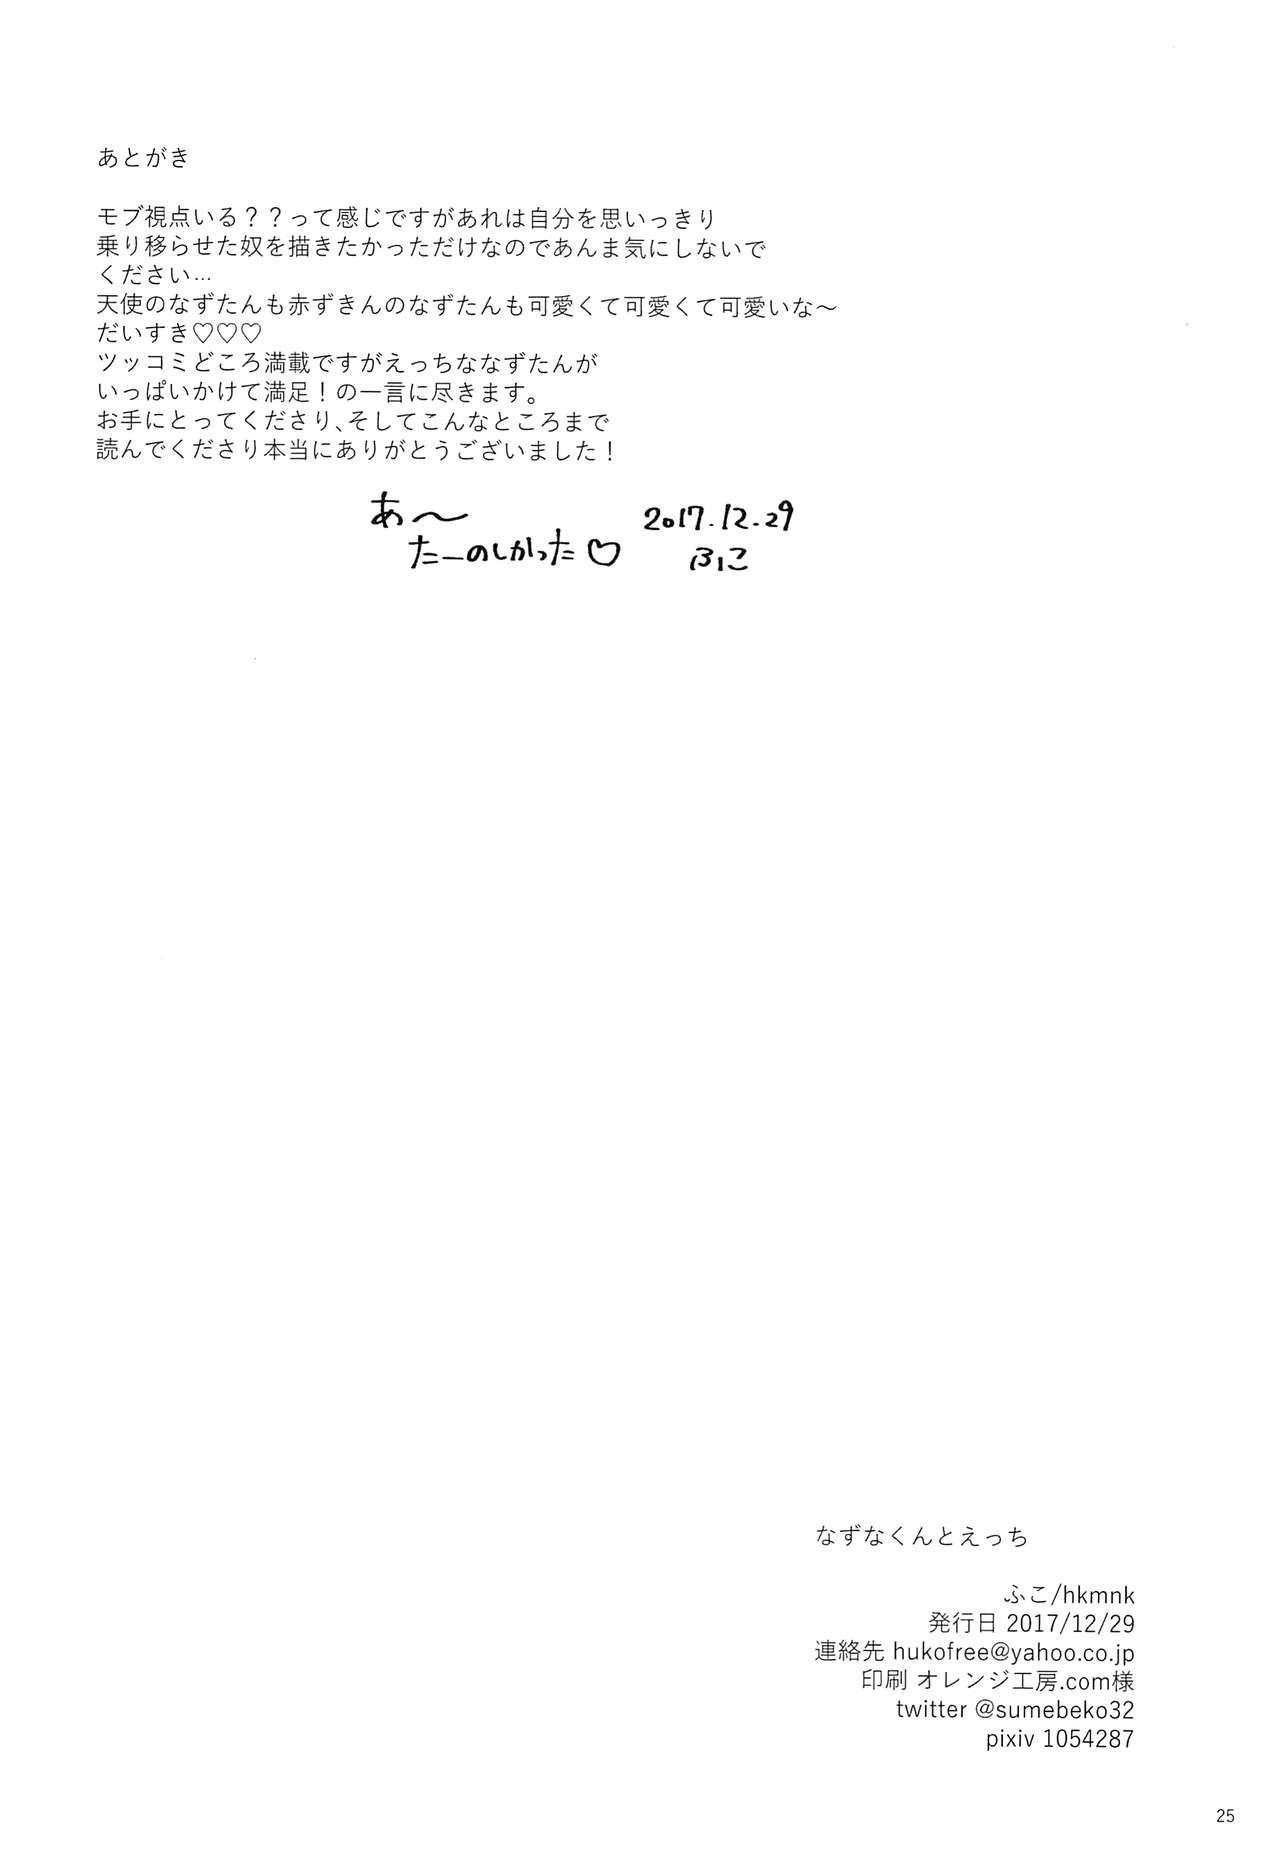 Nazuna-kun to Ecchi 24